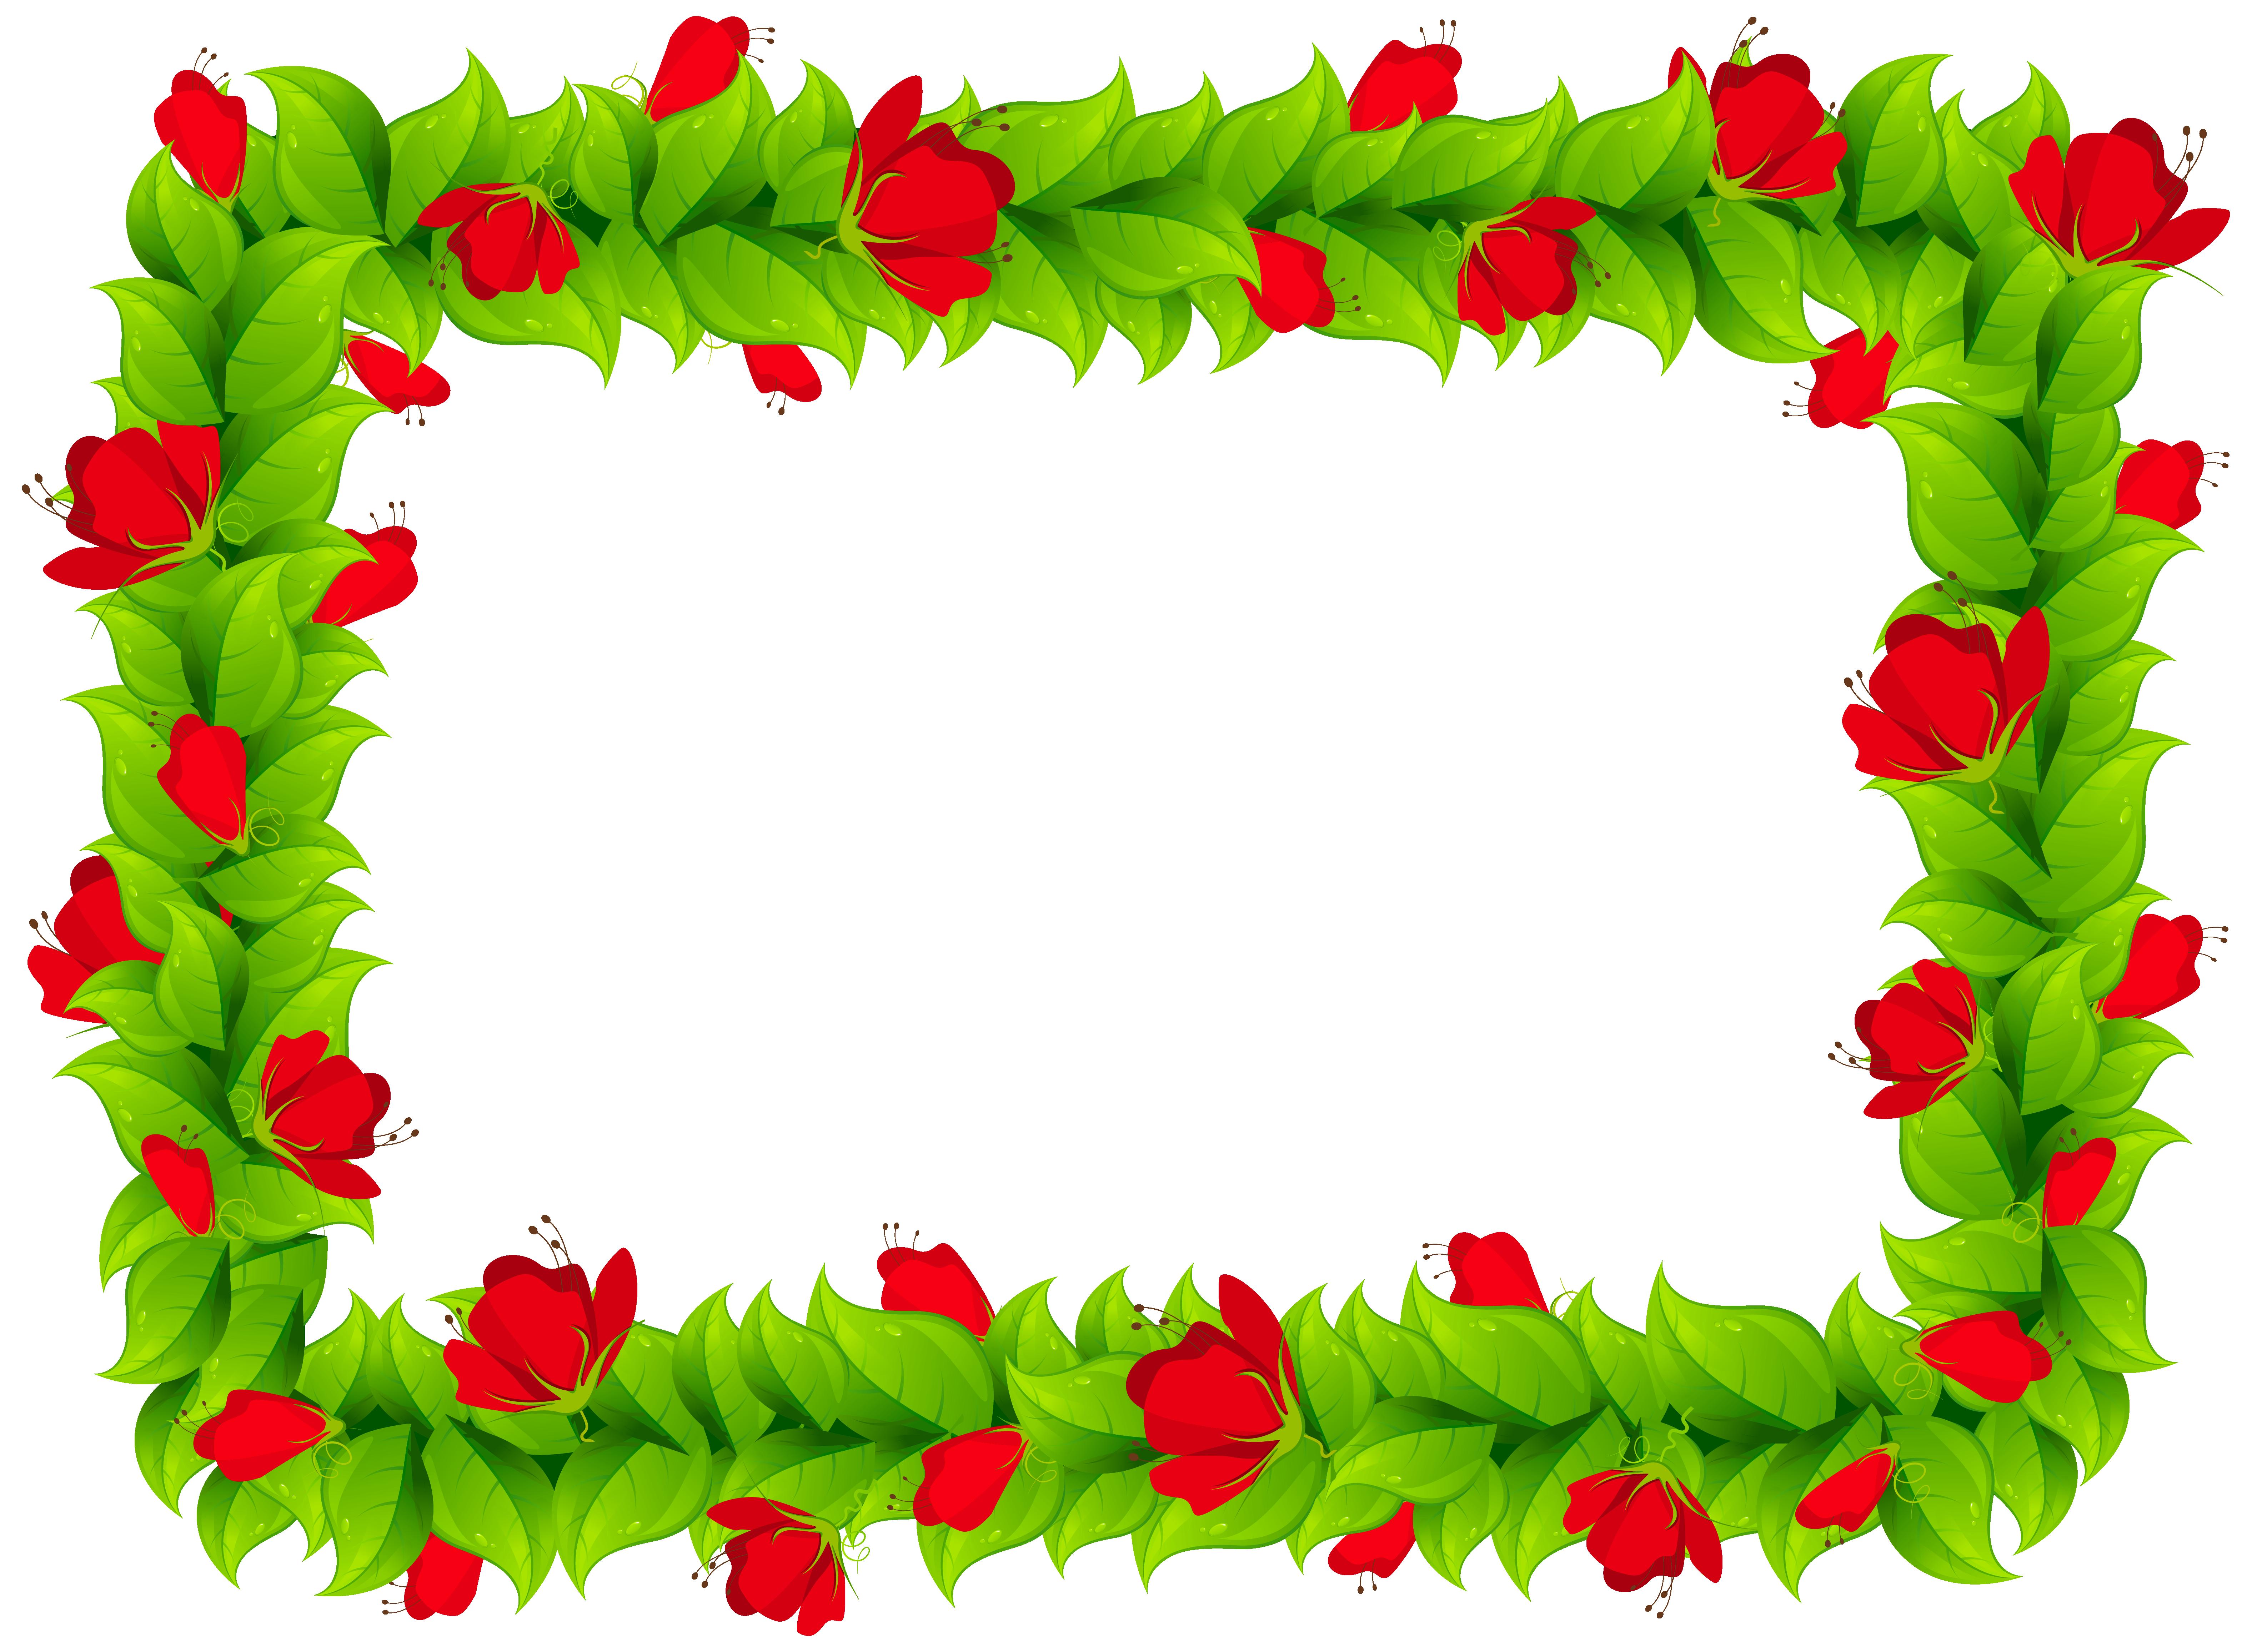 Floral Border Frame Clipart PNG Image.